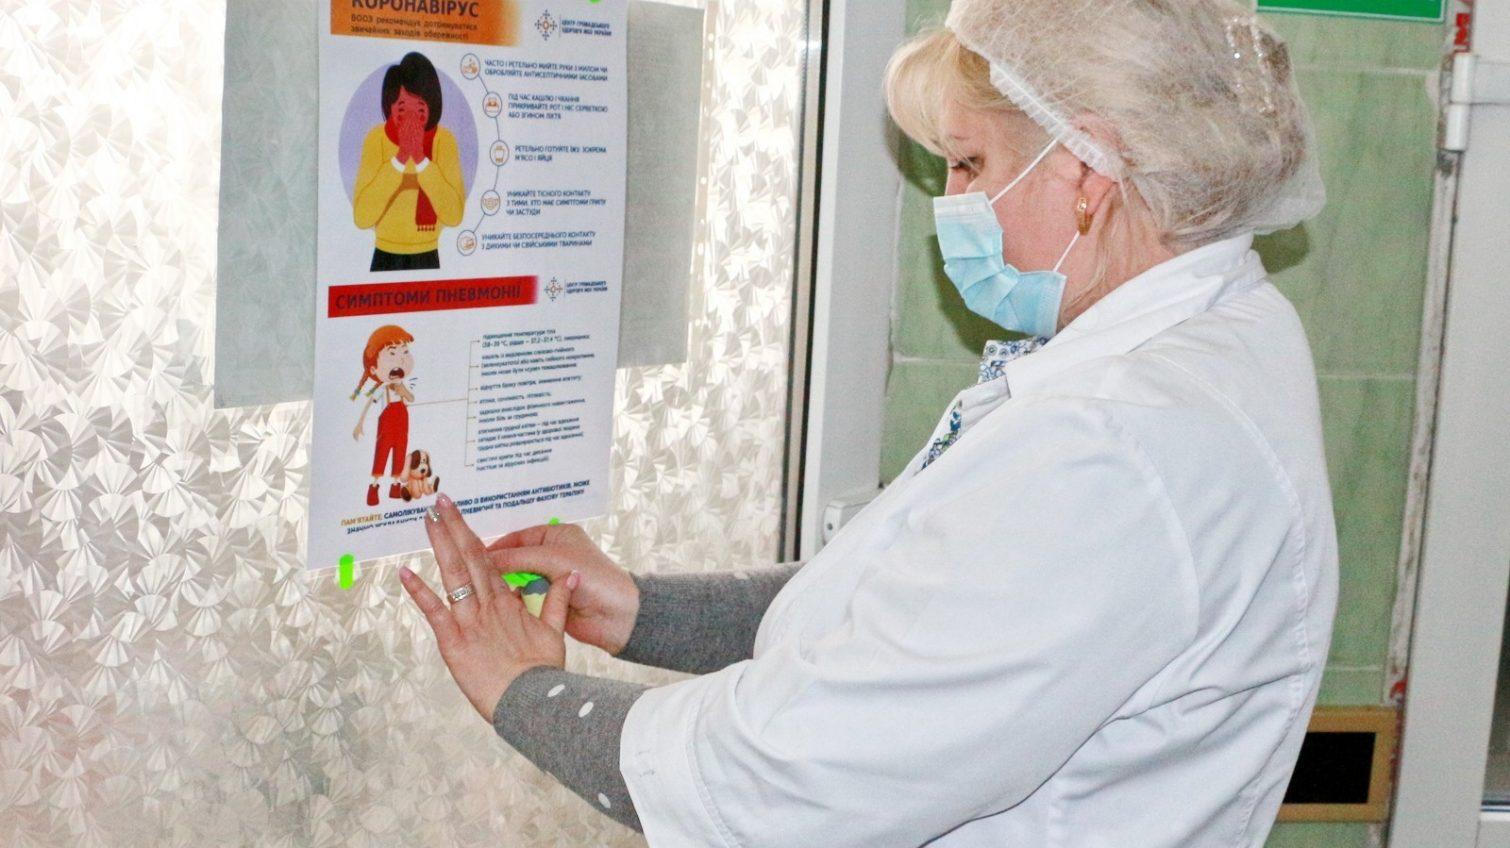 Вспышка COVID-19 cреди врачей в инфекционке: заболело 9 медиков «фото»